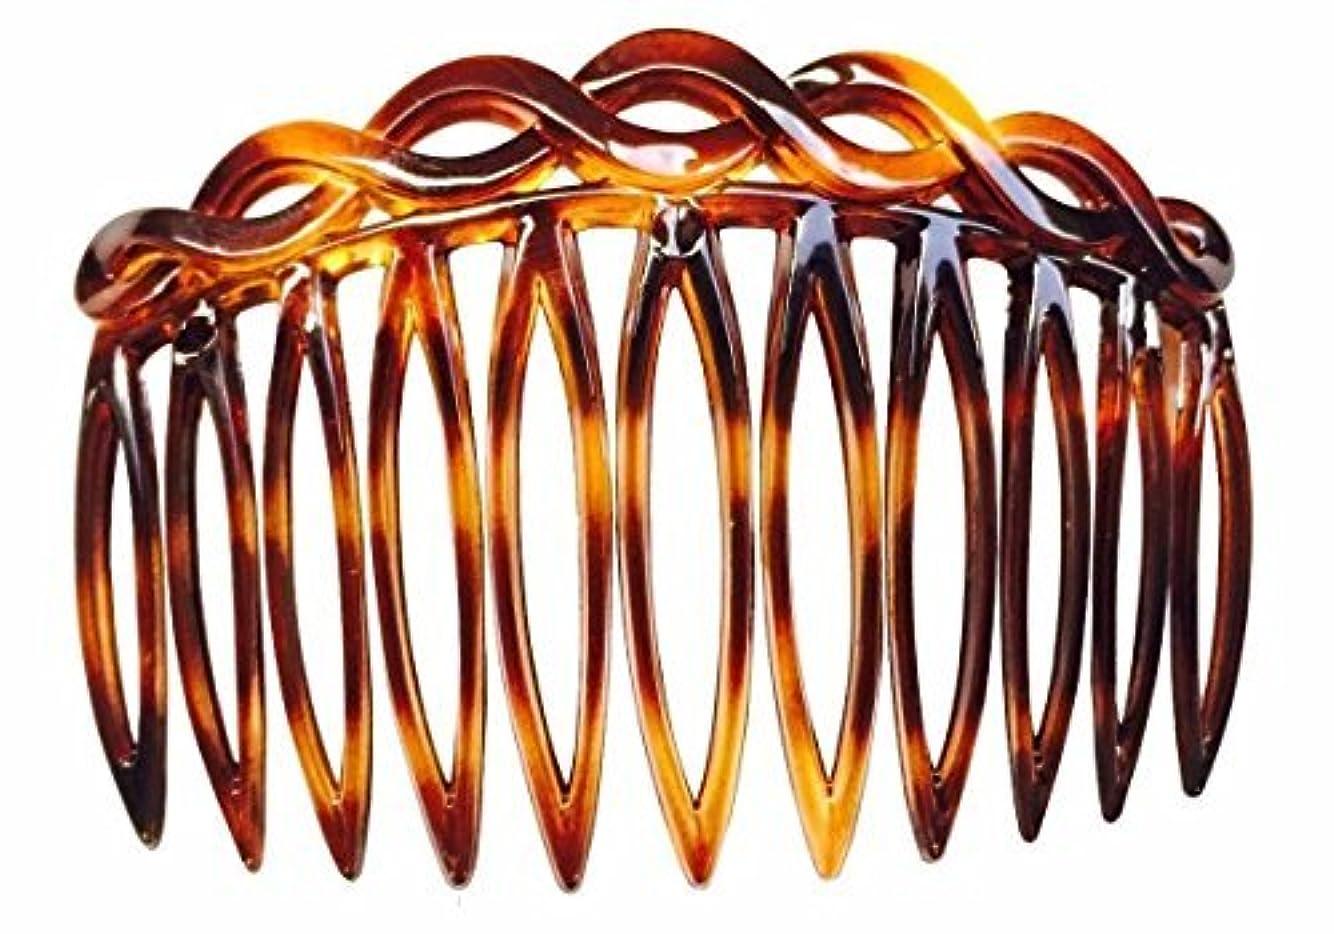 コンパイルラッドヤードキップリングジョージハンブリーParcelona French 2 Pieces Open Curved Celluloid Shell Side Hair Combs - 3 Inch (2 Pcs) [並行輸入品]